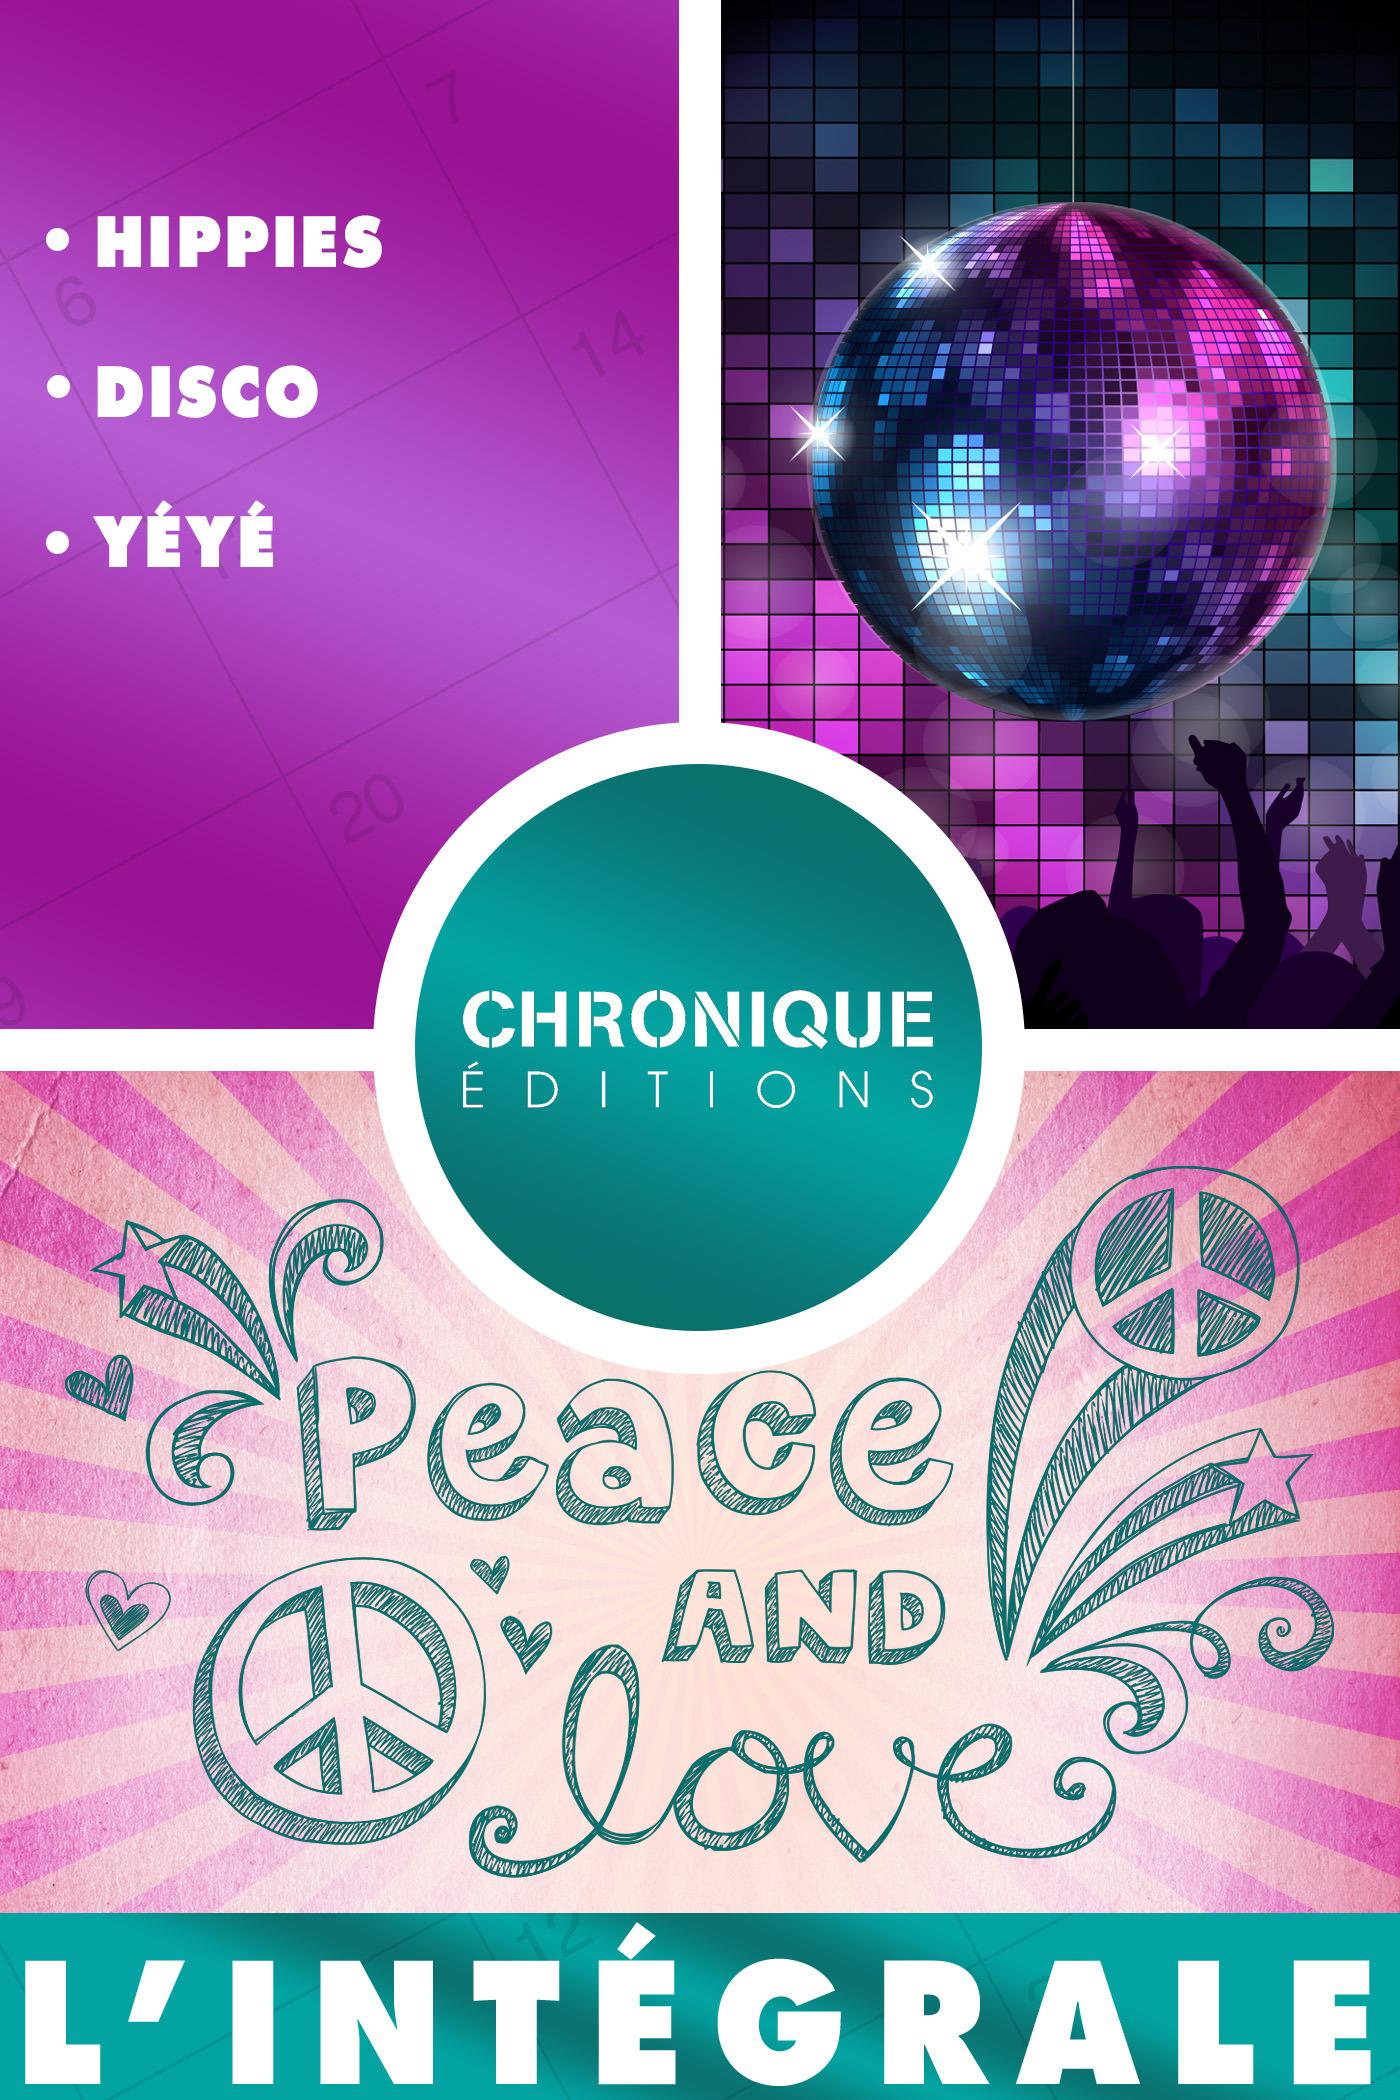 L'Intégrale musique - volume 1 : Hippies, Disco et Yéyé